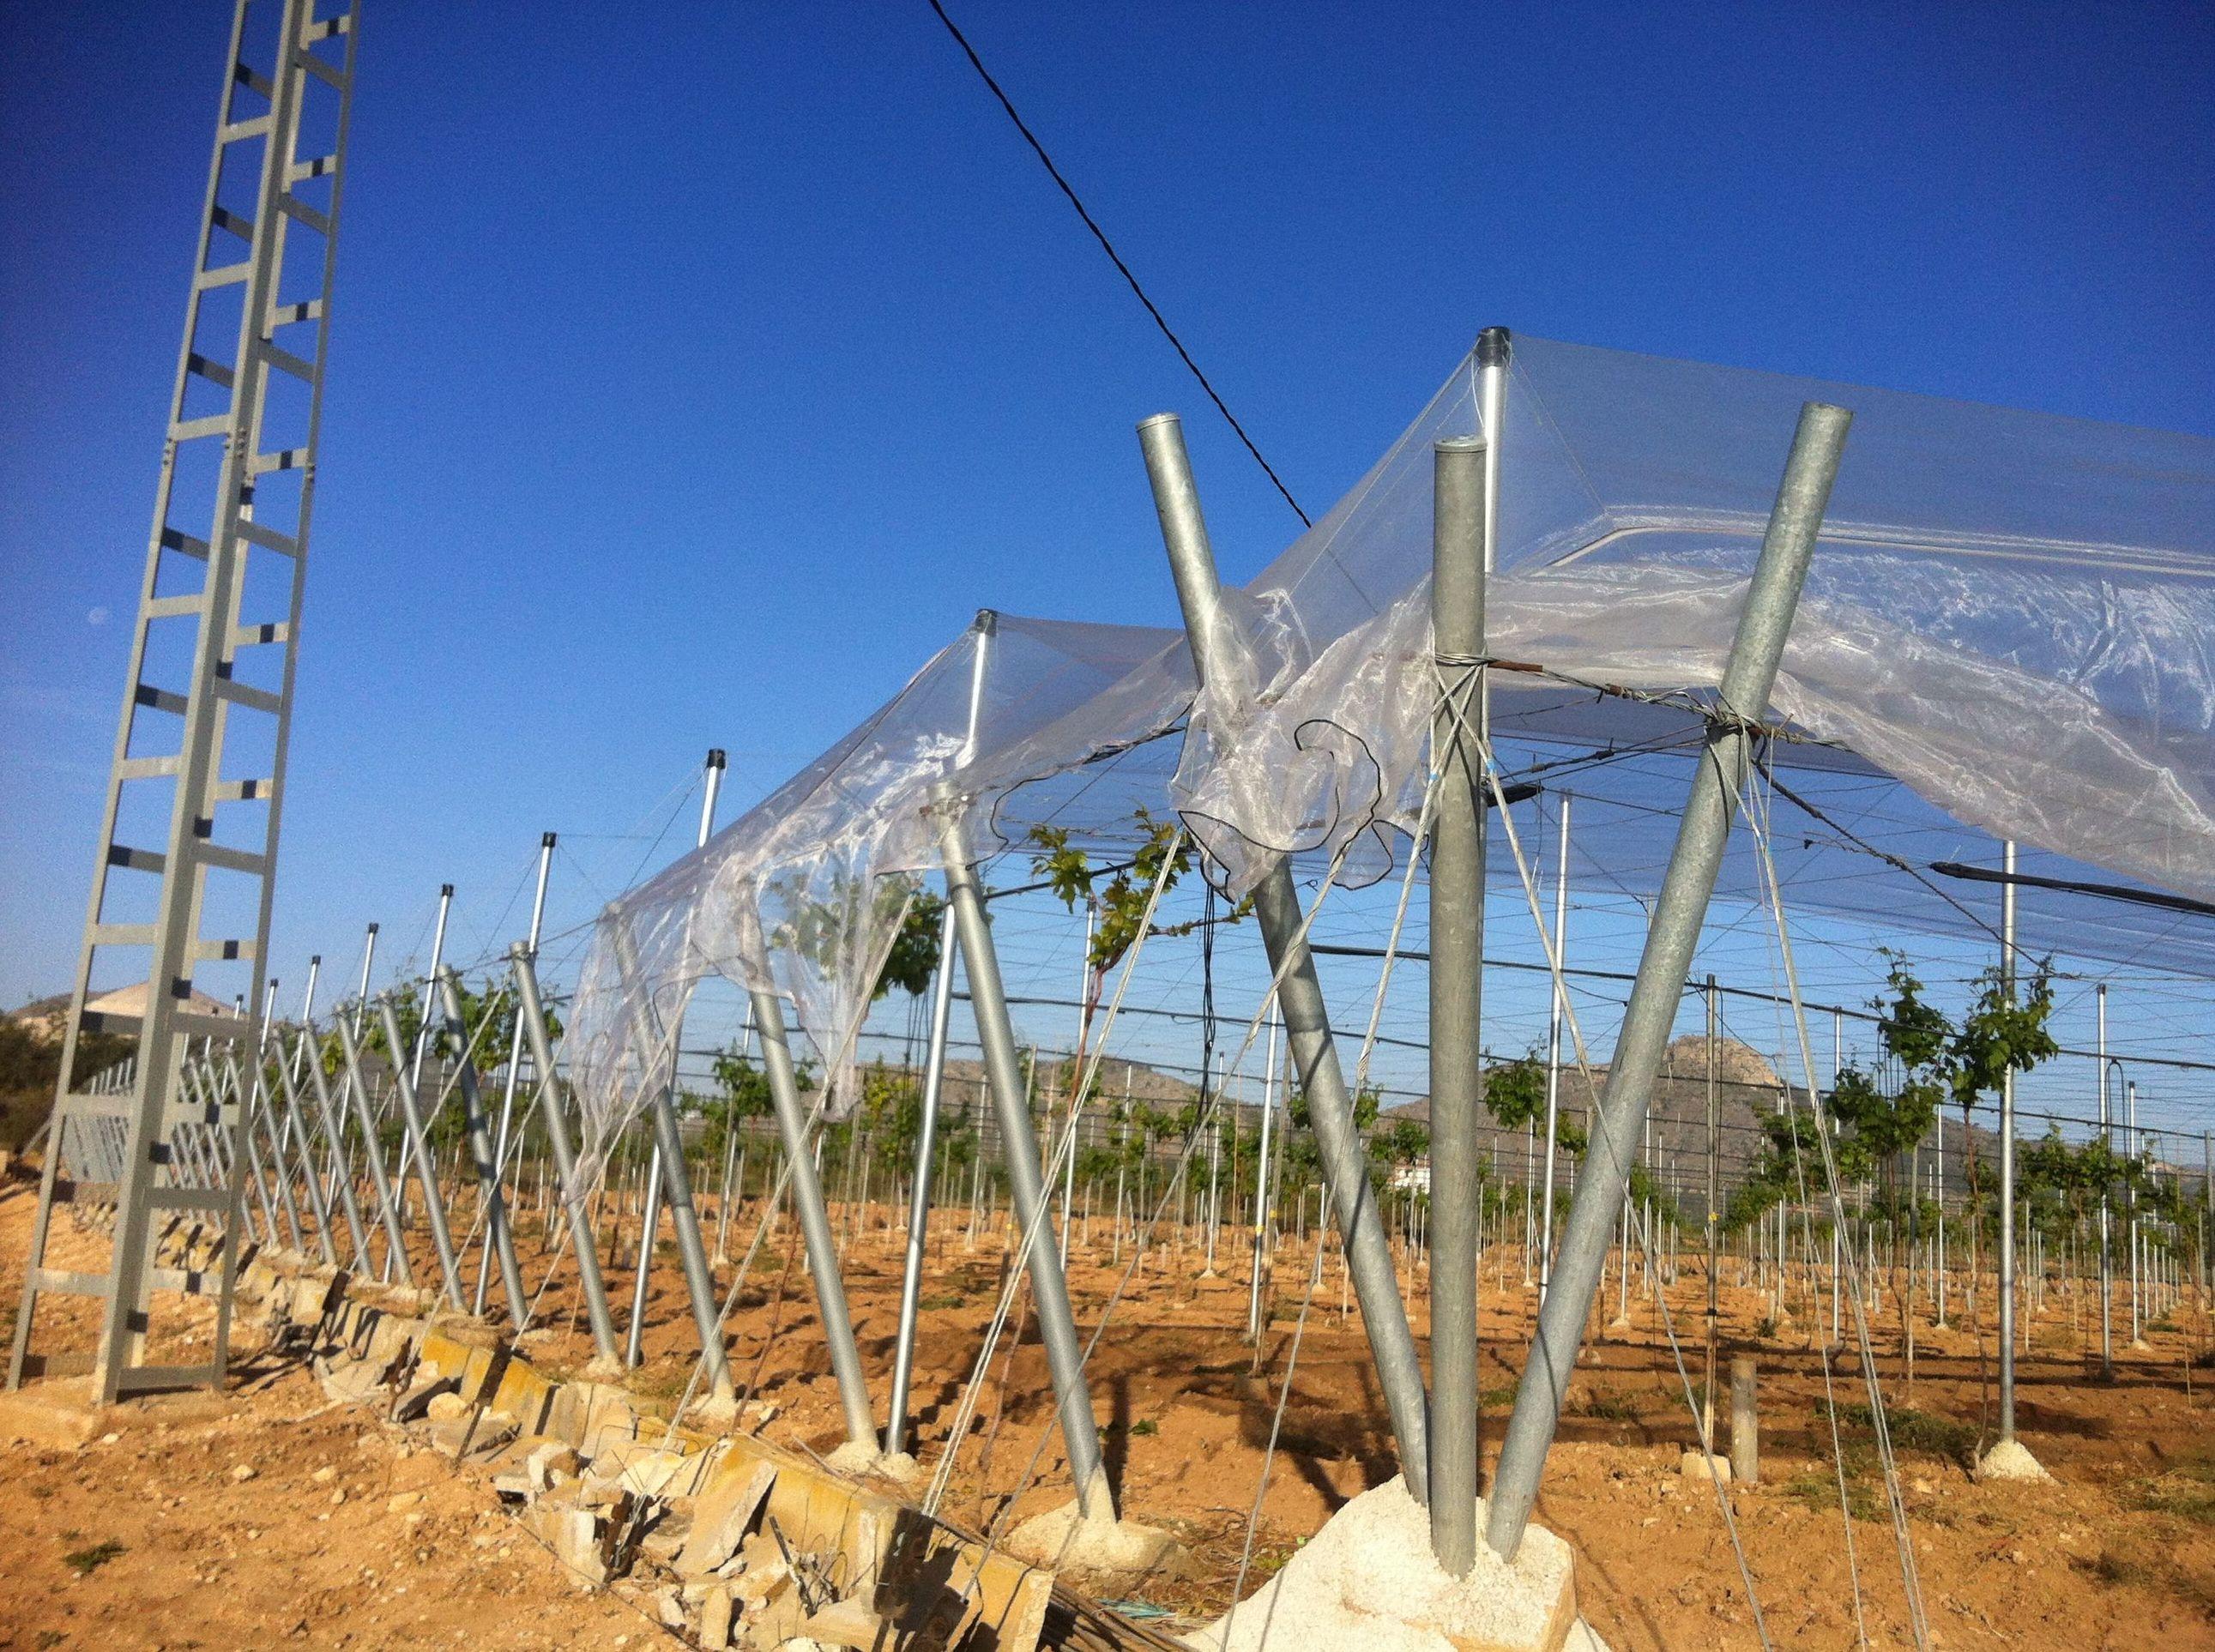 Foto 85 de Infraestructuras y trabajos agrícolas en La Murada – Orihuela | Mantenimiento y Estructuras Agrícolas Mateo e Hijo, S.L.